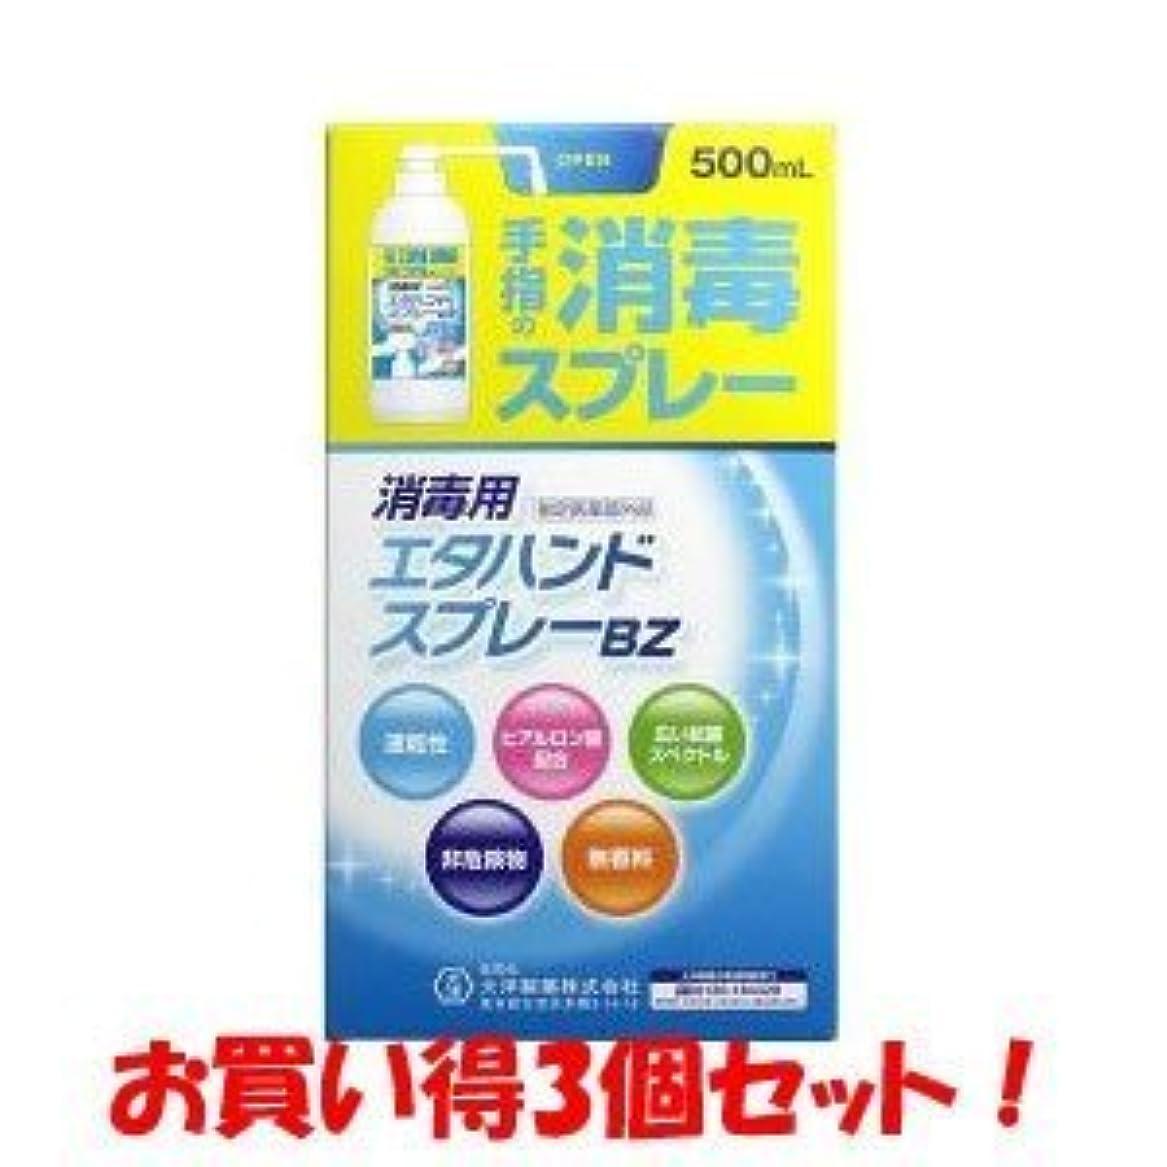 油メールを書く幻滅(大洋製薬)大洋製薬 消毒用エタハンドスプレーBZ 500ml(医薬部外品)(お買い得3個セット)